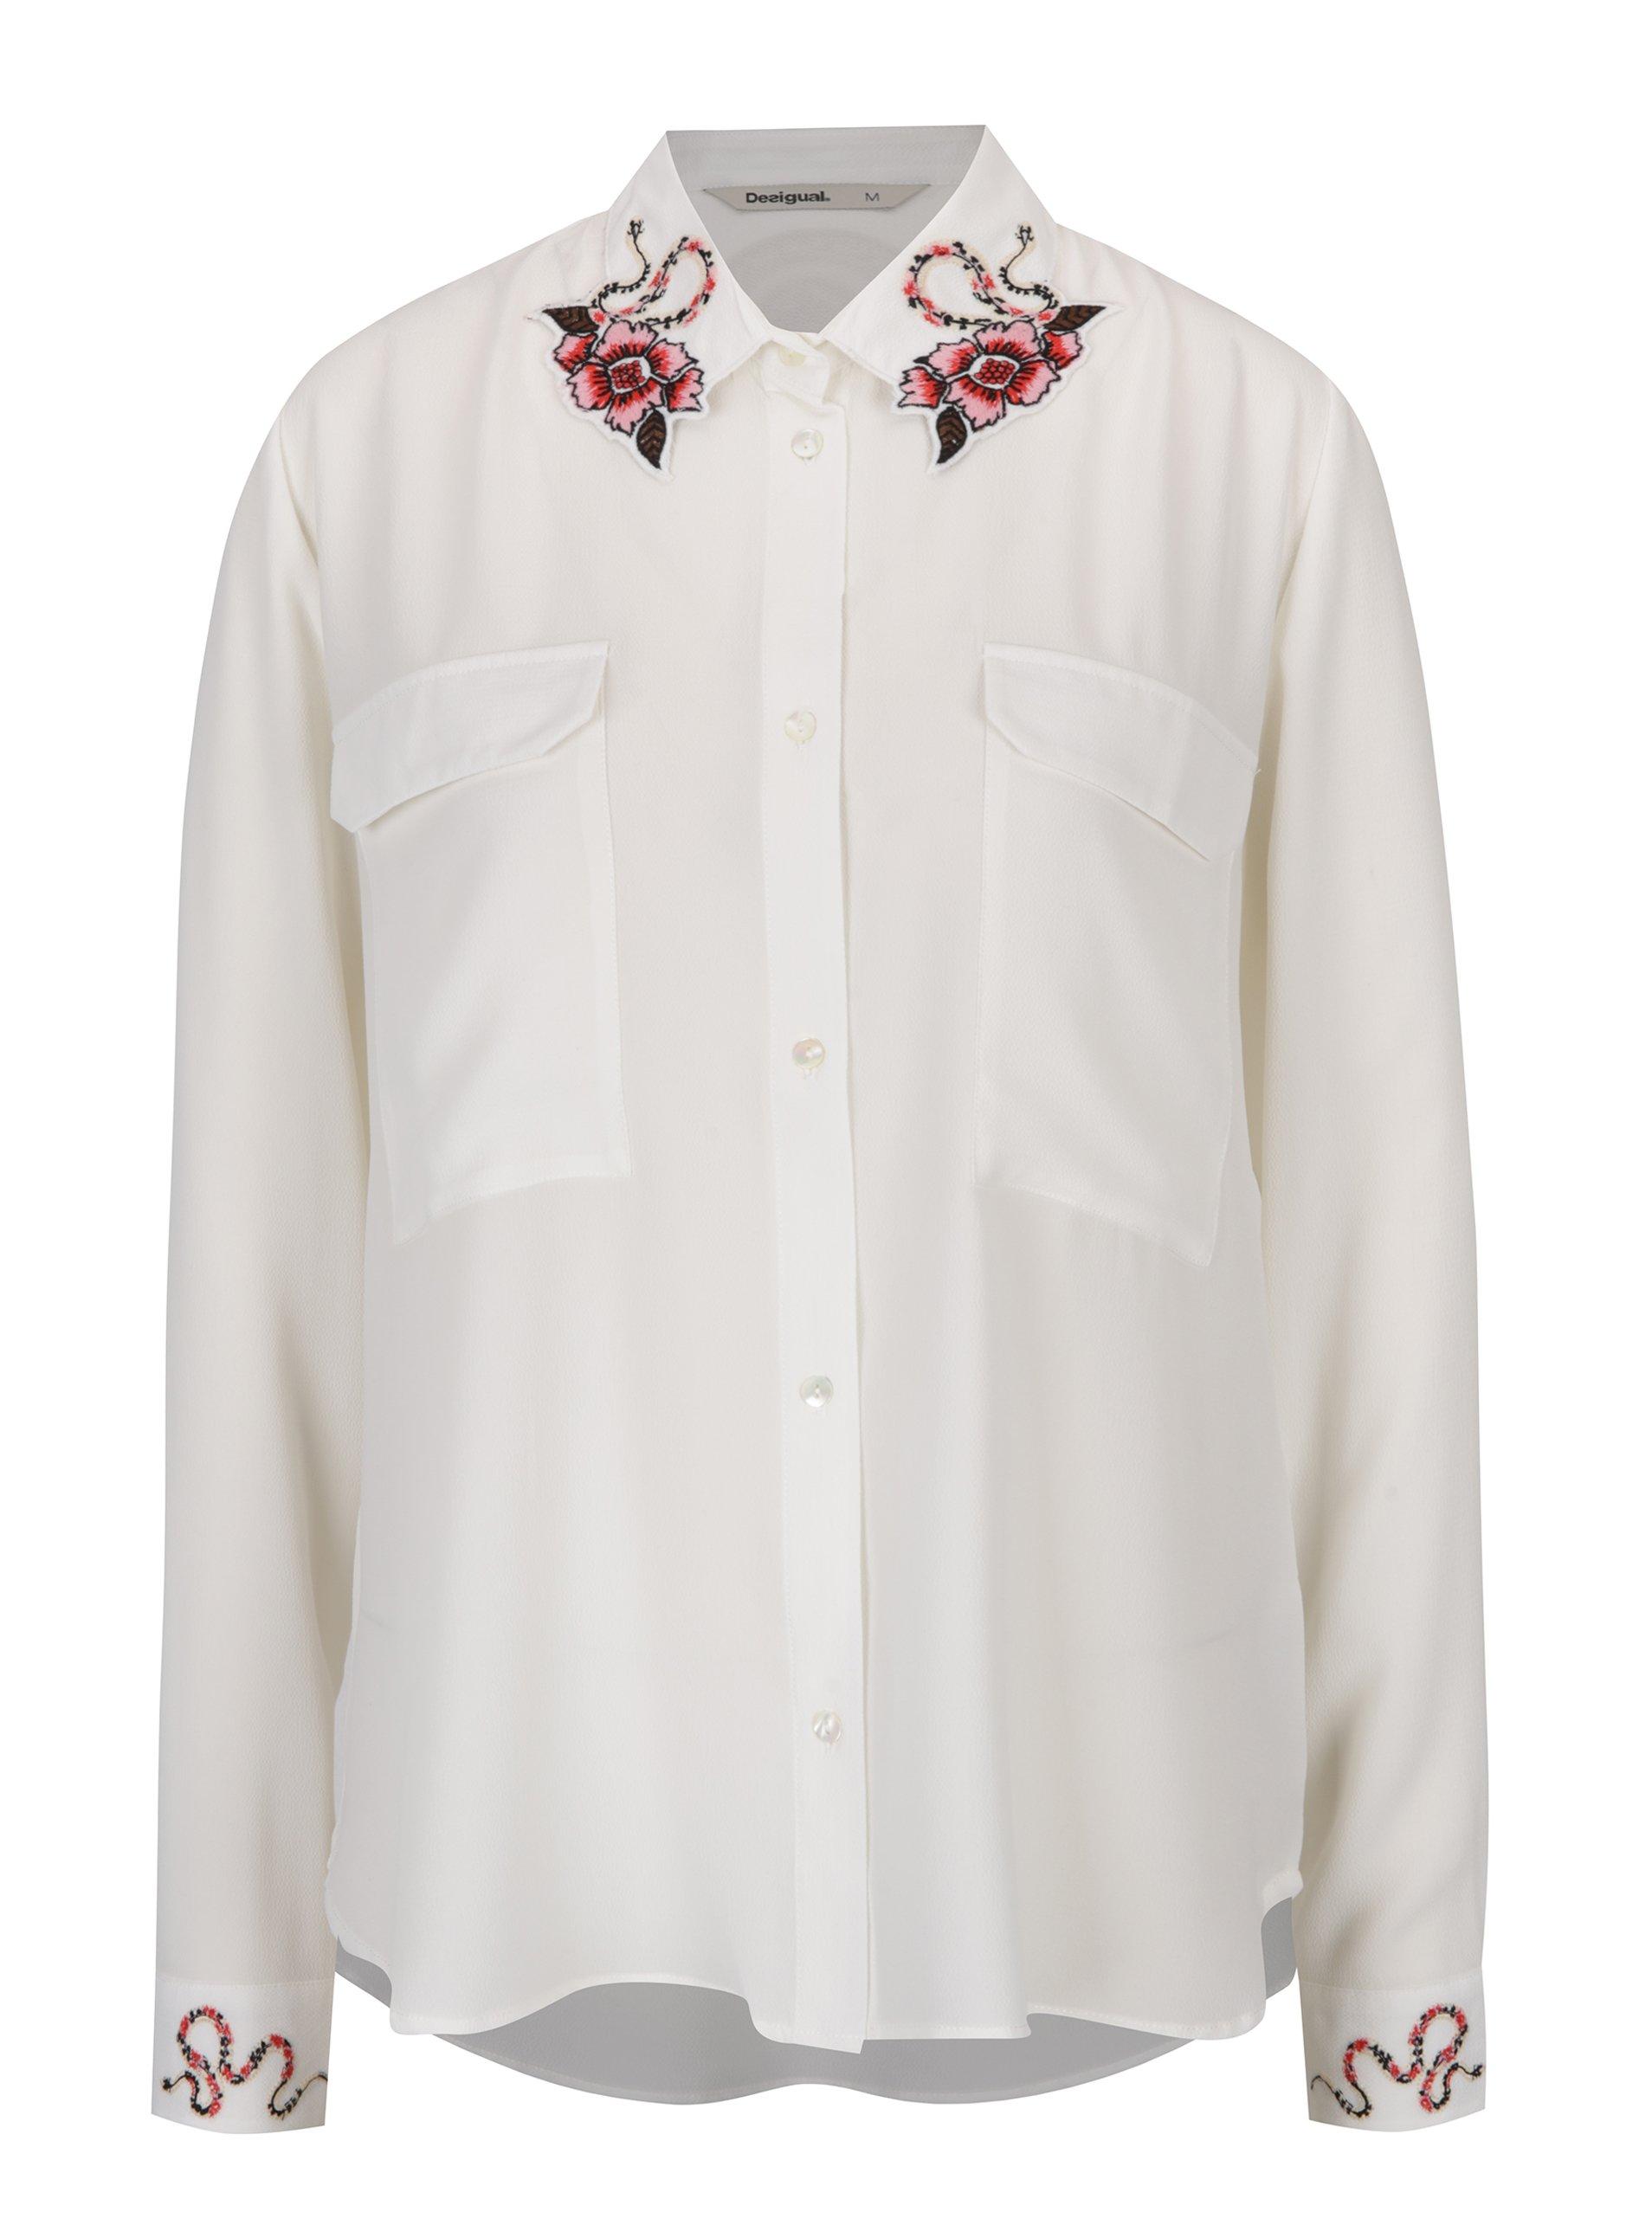 b701624f60fb Krémová košeľa s výšivkami na golieri a rukávoch Desigual Melancolia ...